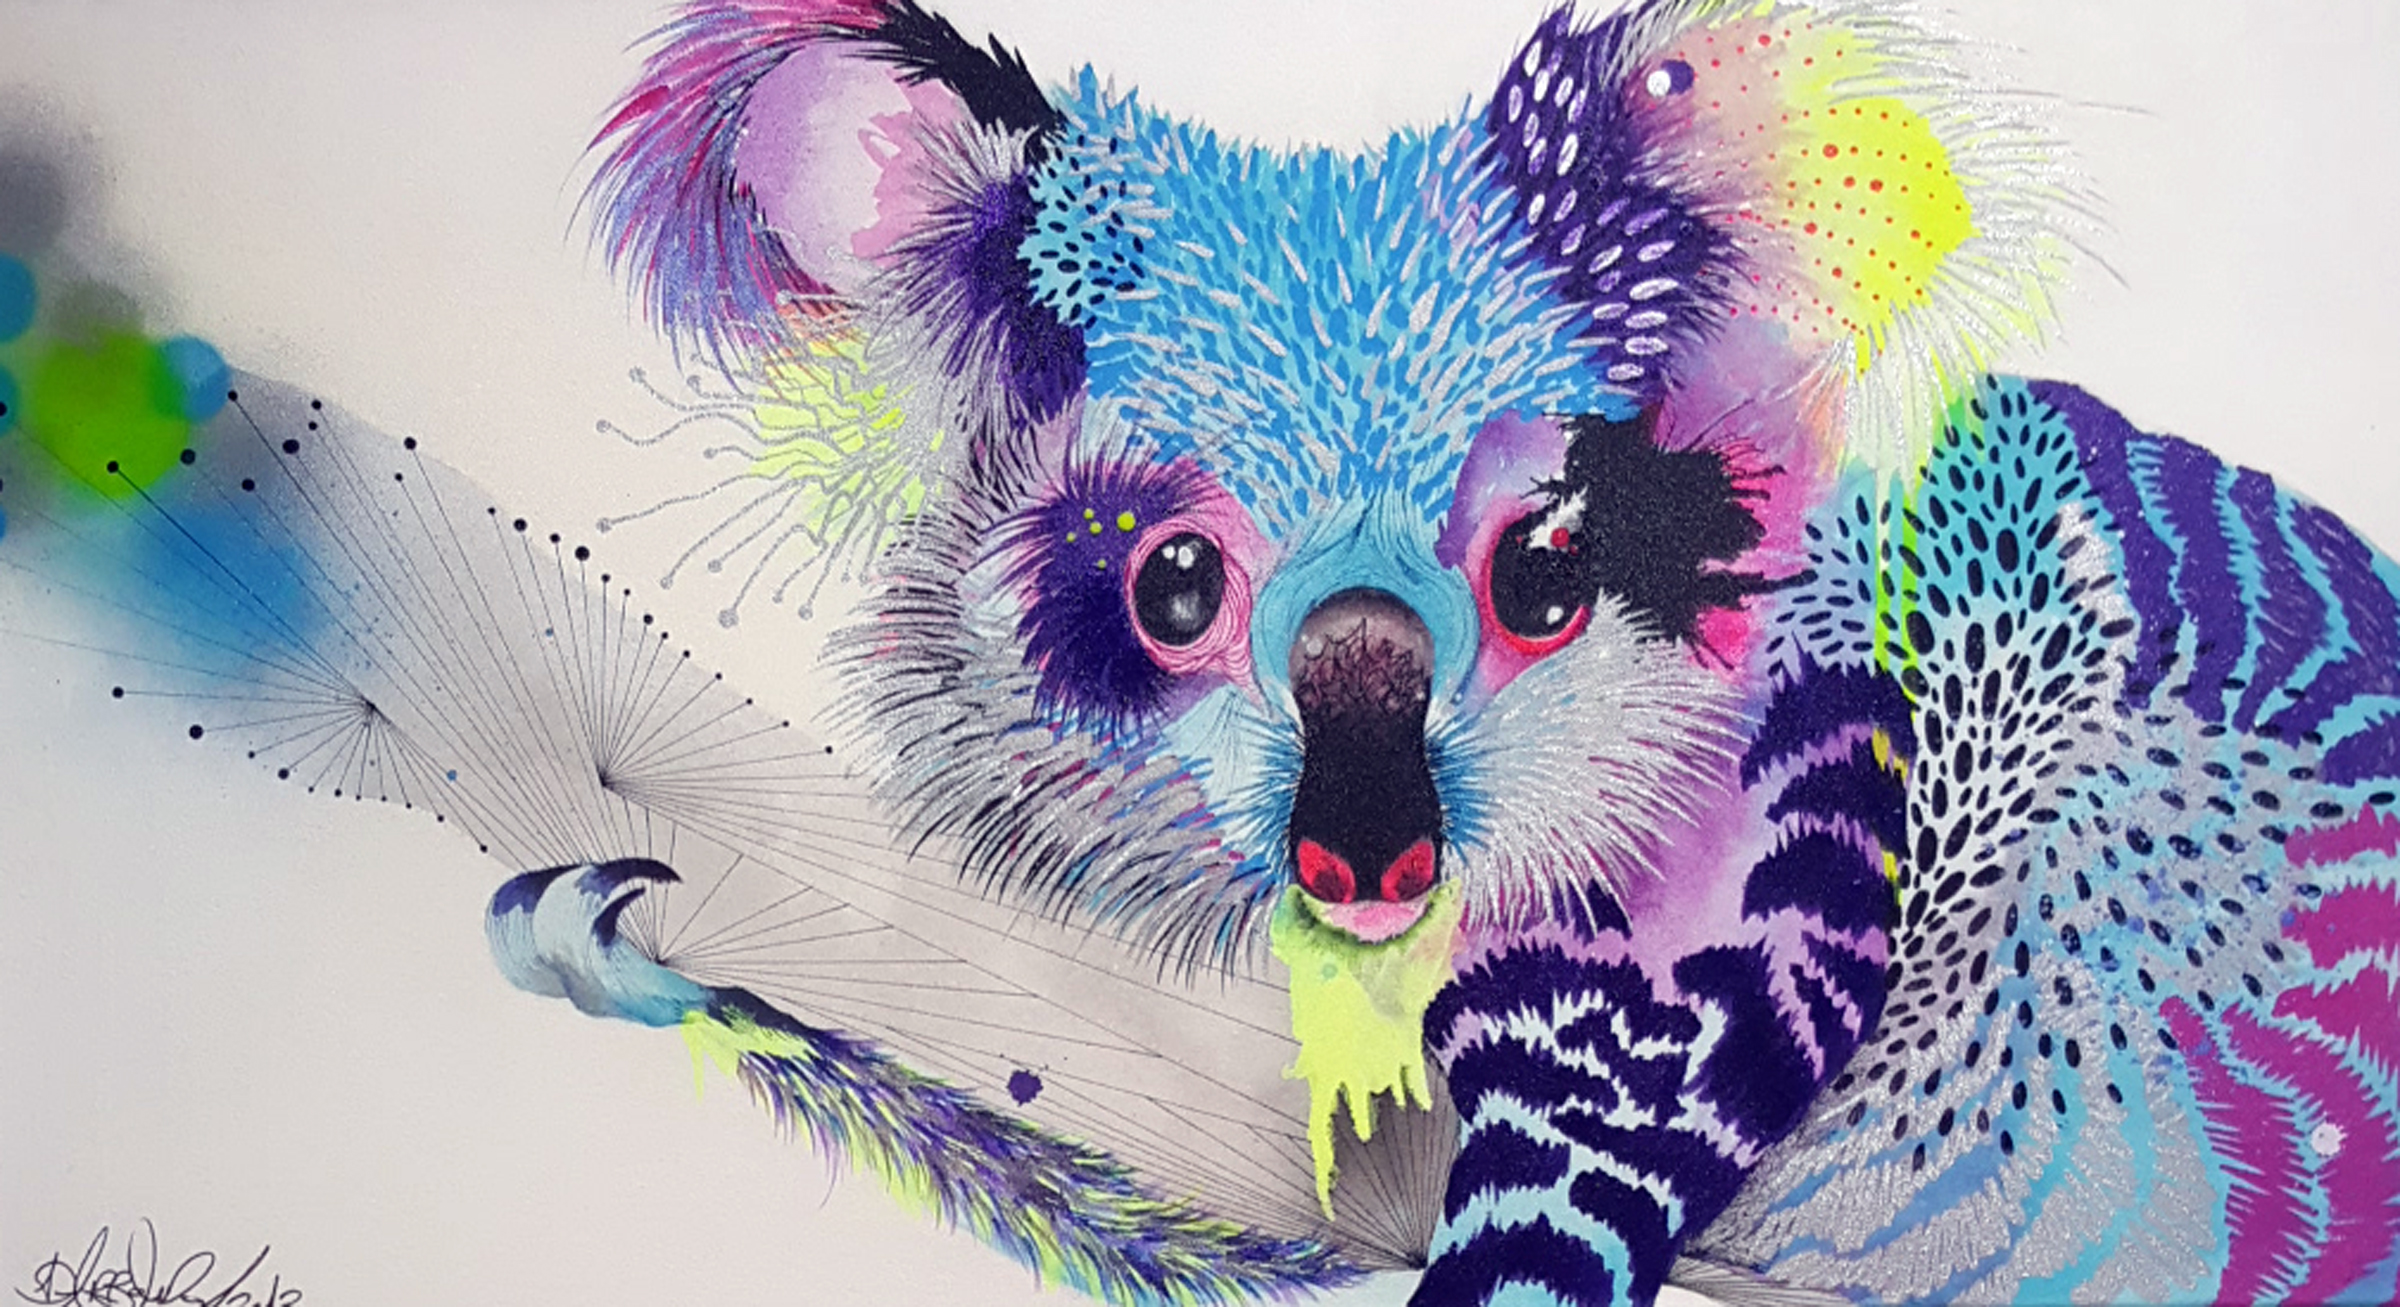 Max Koala